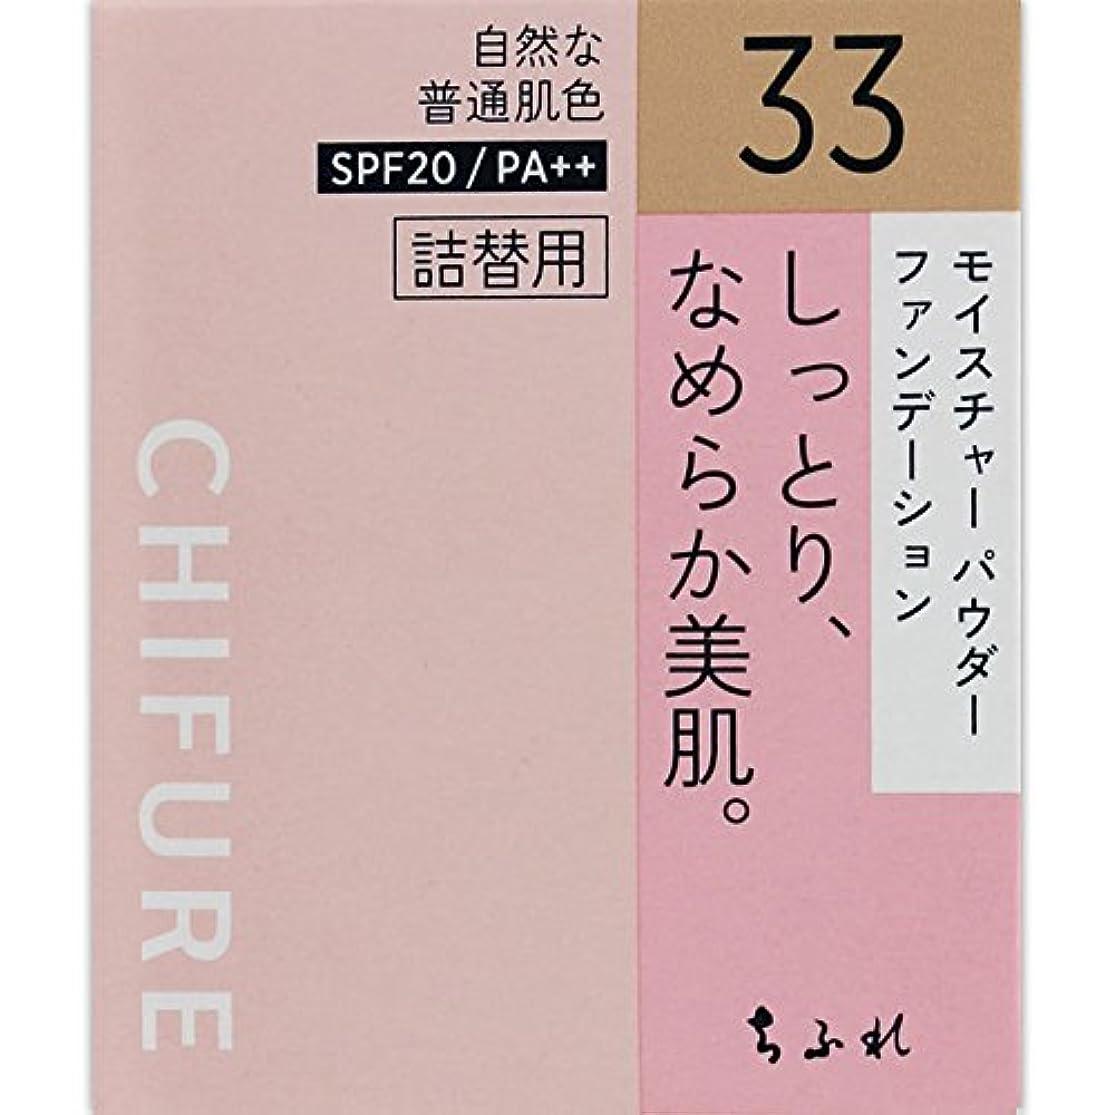 主流他の日巨大ちふれ化粧品 モイスチャー パウダーファンデーション 詰替用 オークル系 MパウダーFD詰替用33